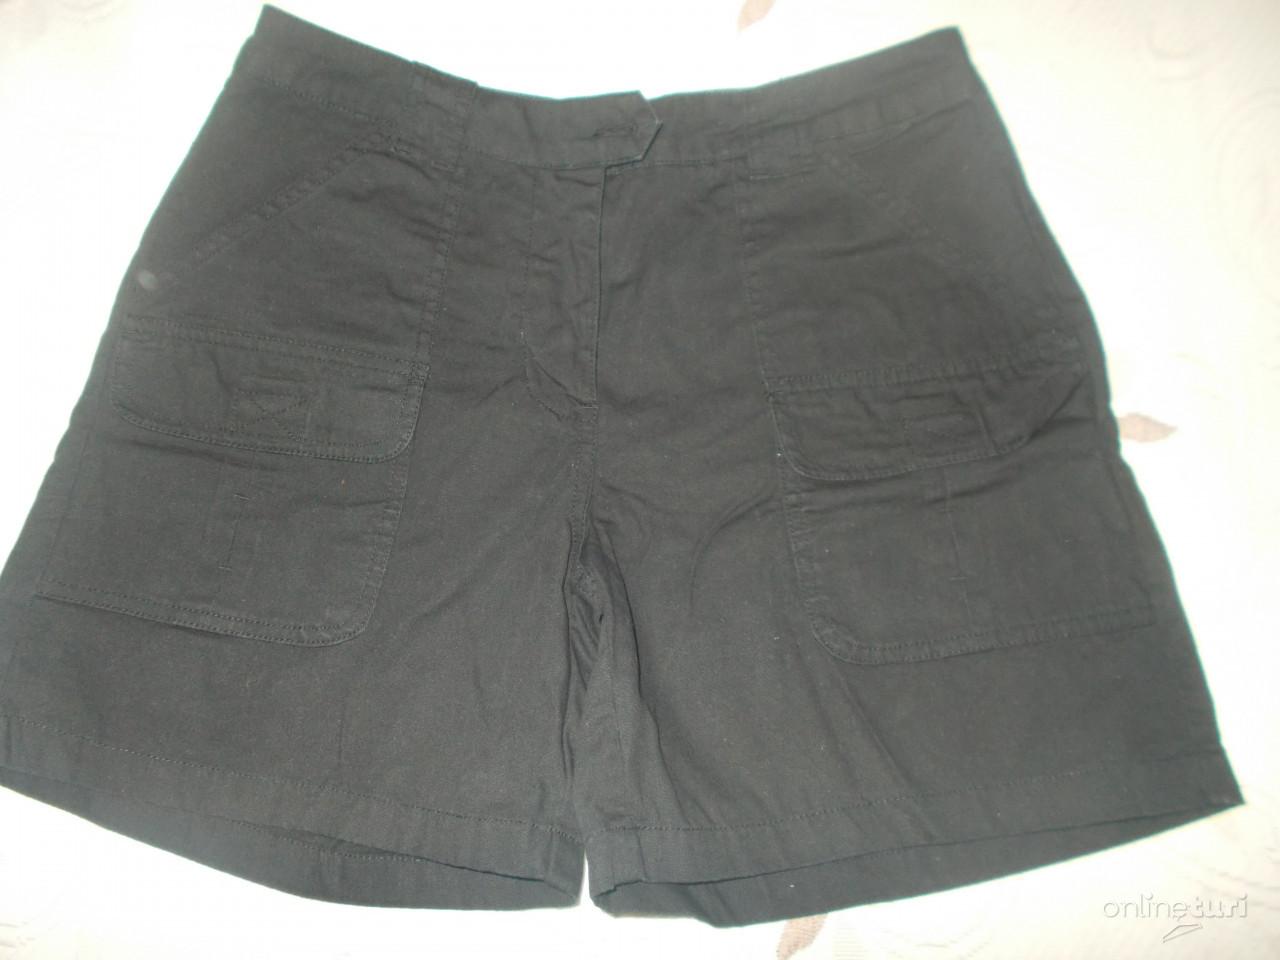 443300921a 38-as Vero Moda fekete nadrágszoknya ingyen posta, Bugyi - OnlineTuri